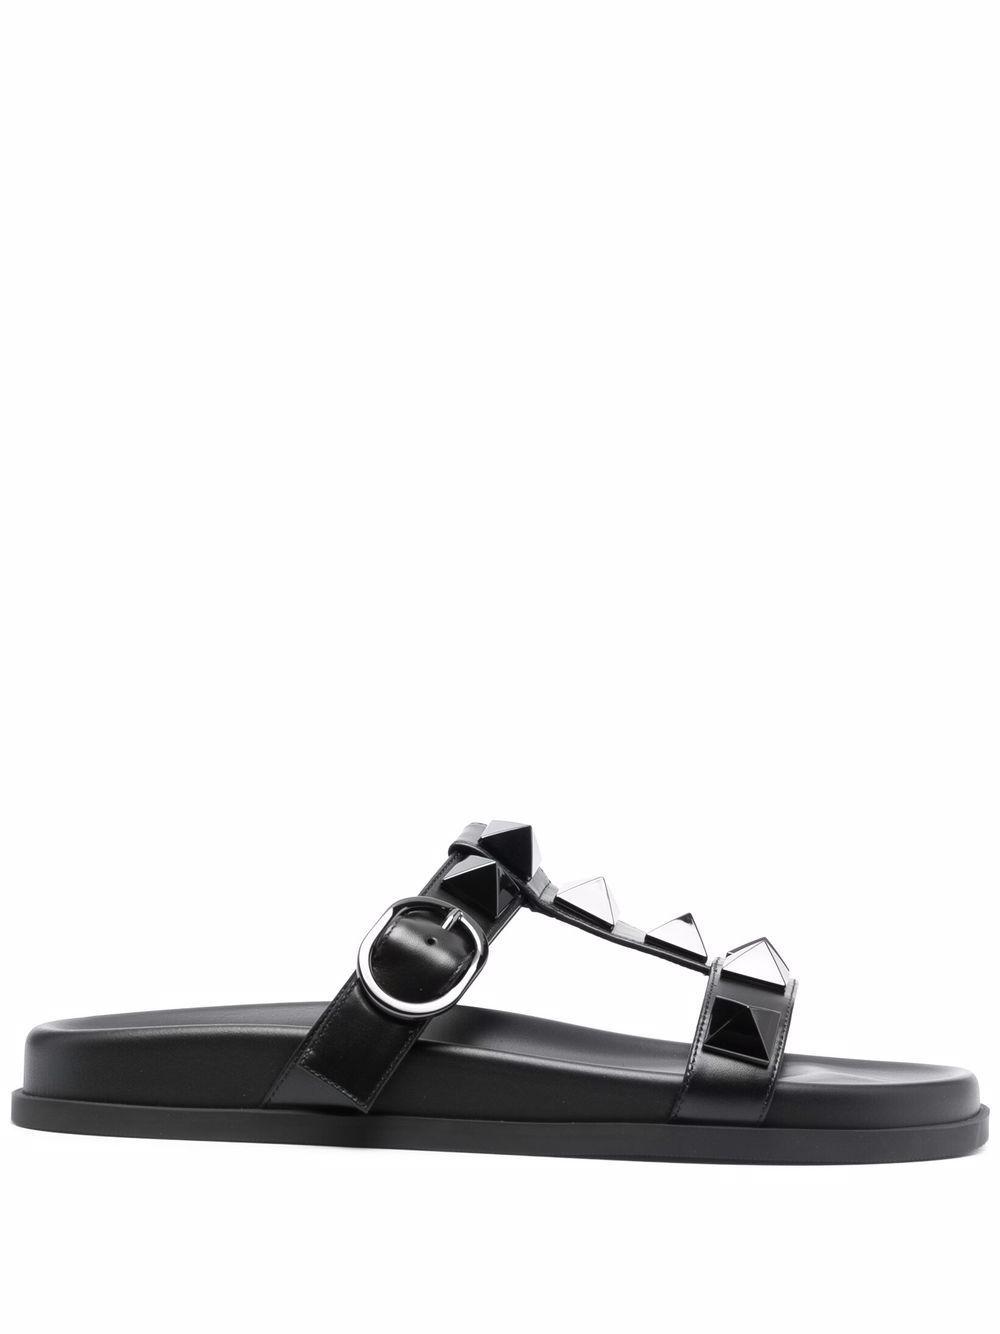 Valentino garavani sandals black